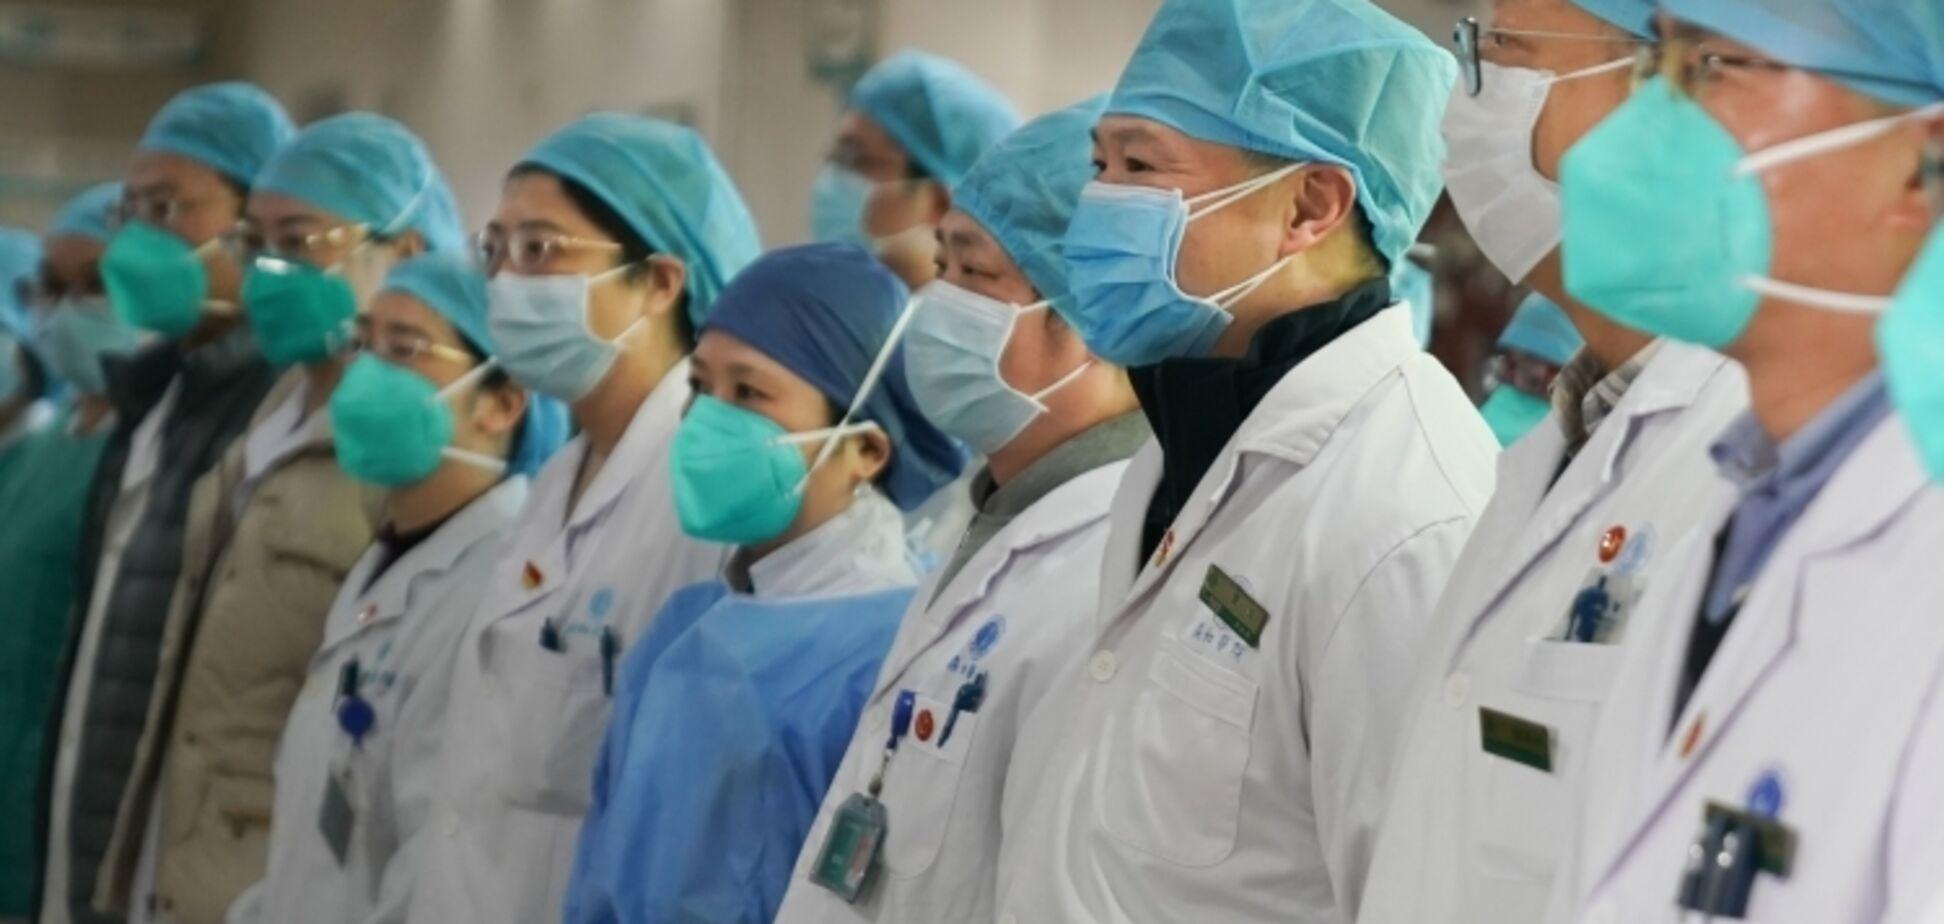 Коронавирус распространяется: еще три страны подтвердили случаи заболевания